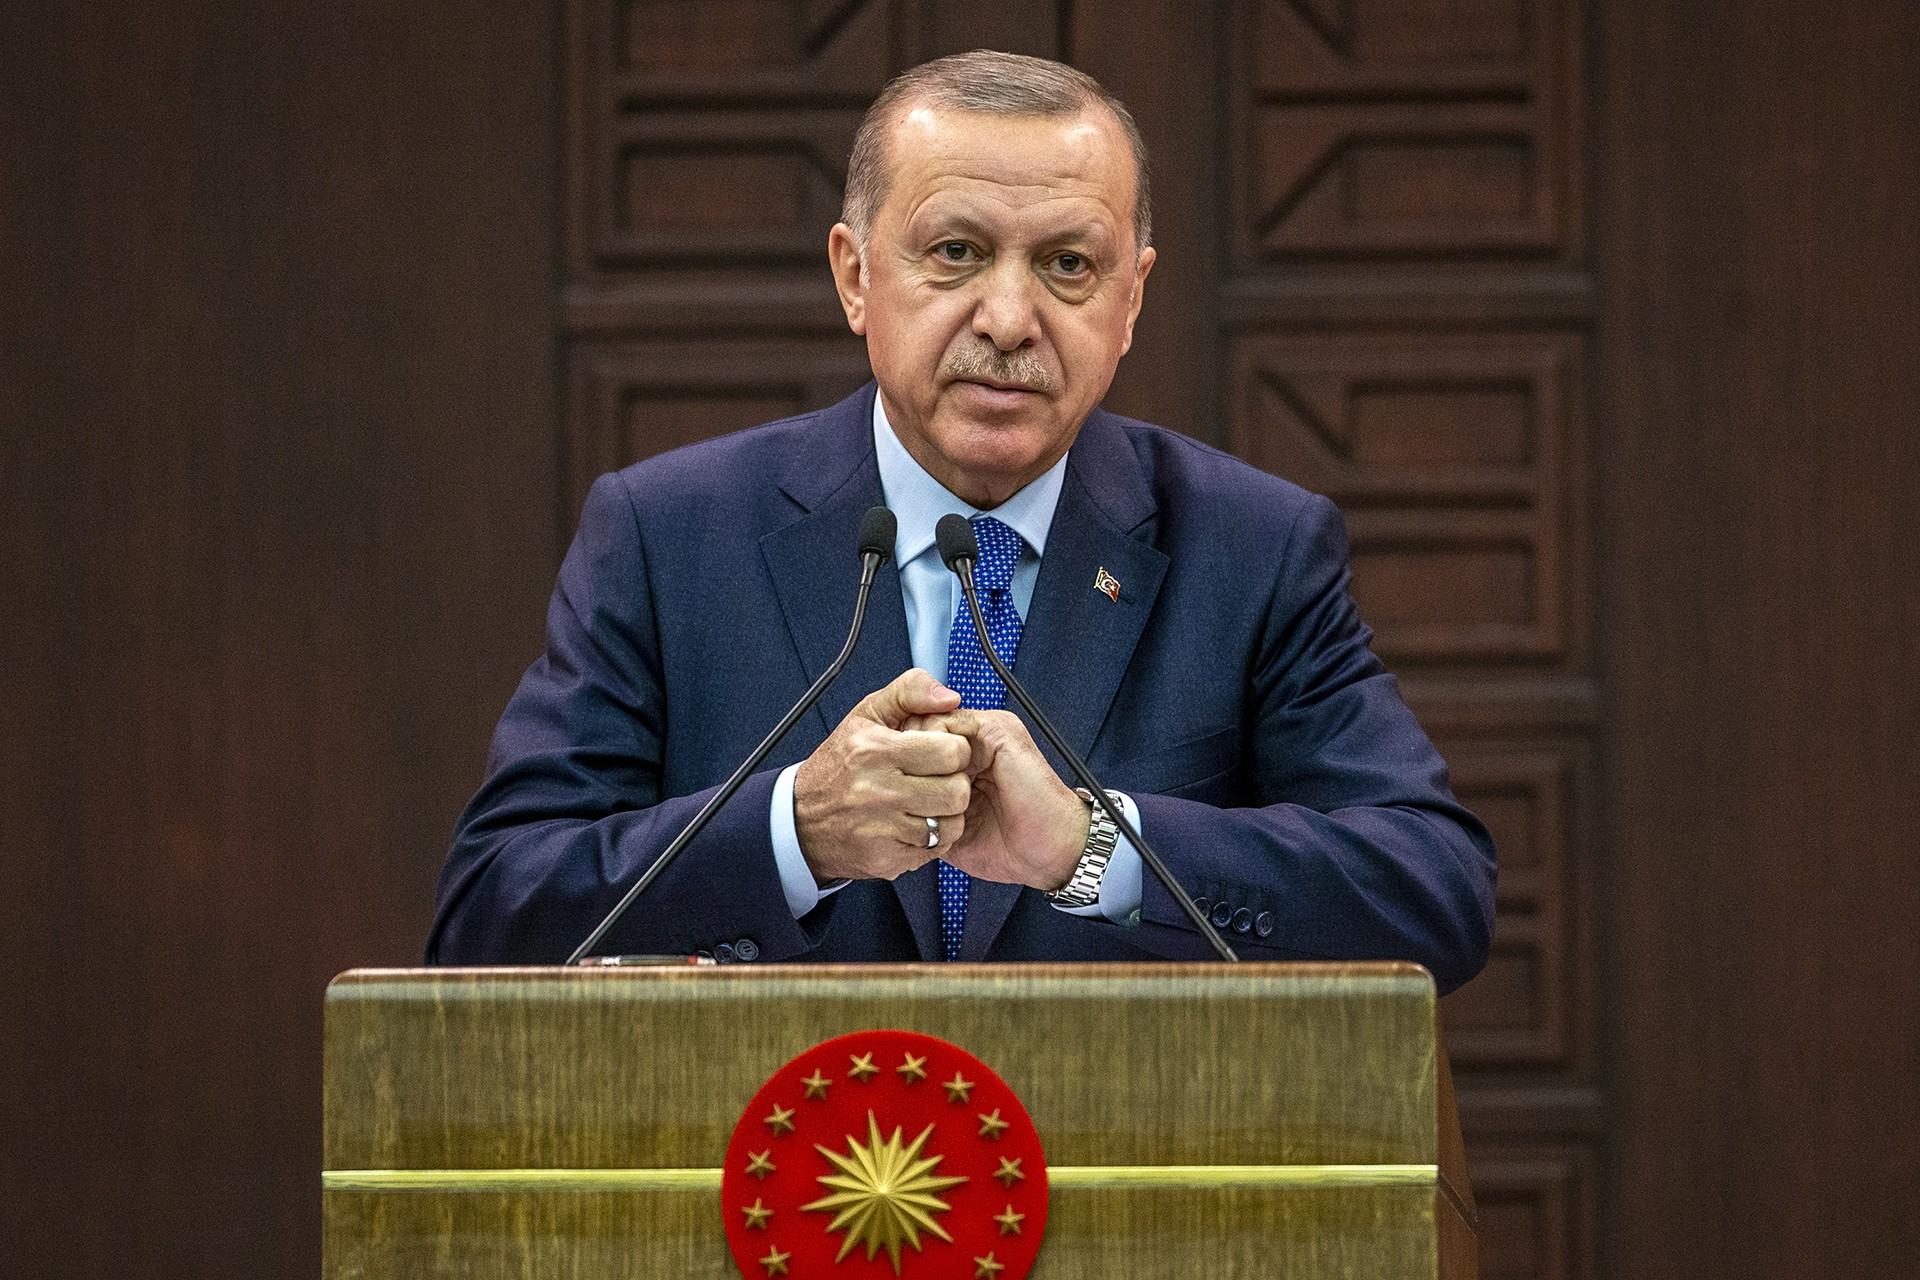 Cumhurbaşkanı Erdoğan'dan Bakan Soylu'ya taziye mesajı!